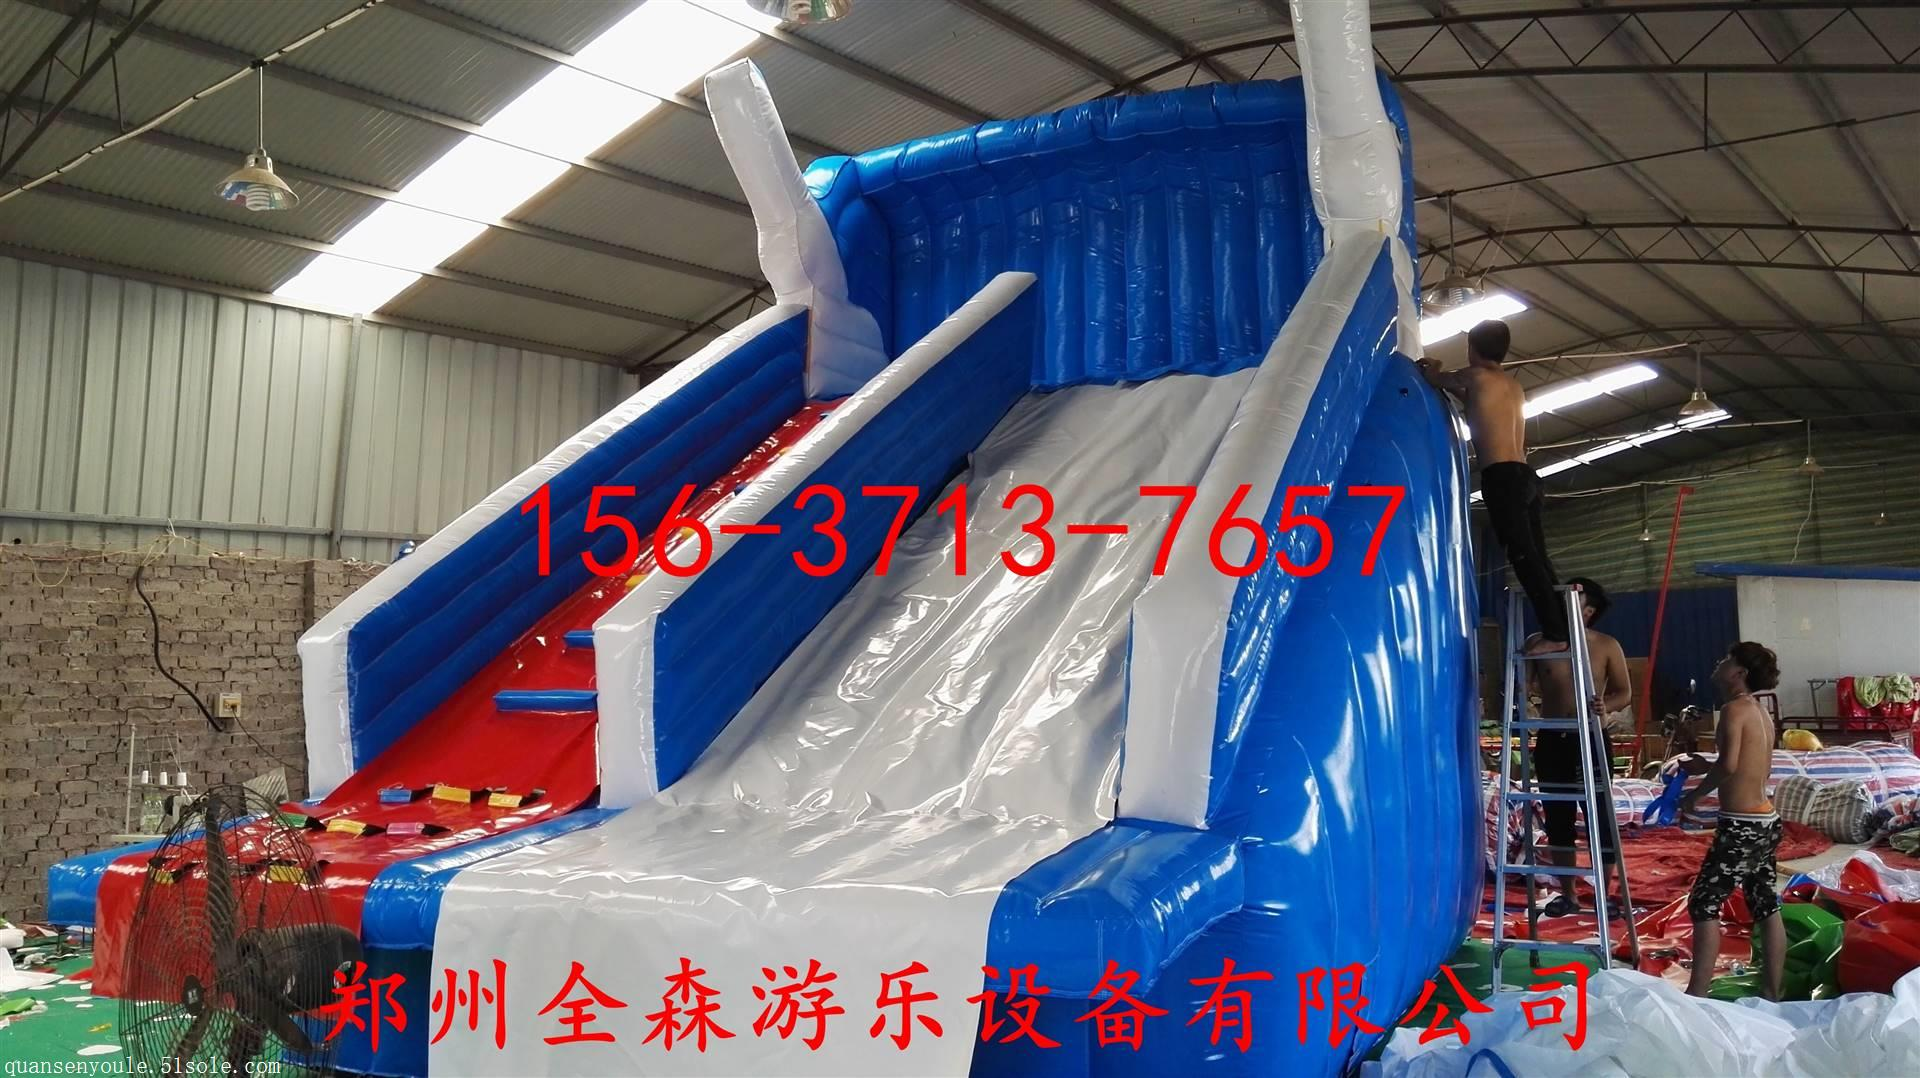 充气水滑梯多少钱一个,厂家报价,大型充气水滑梯在哪买